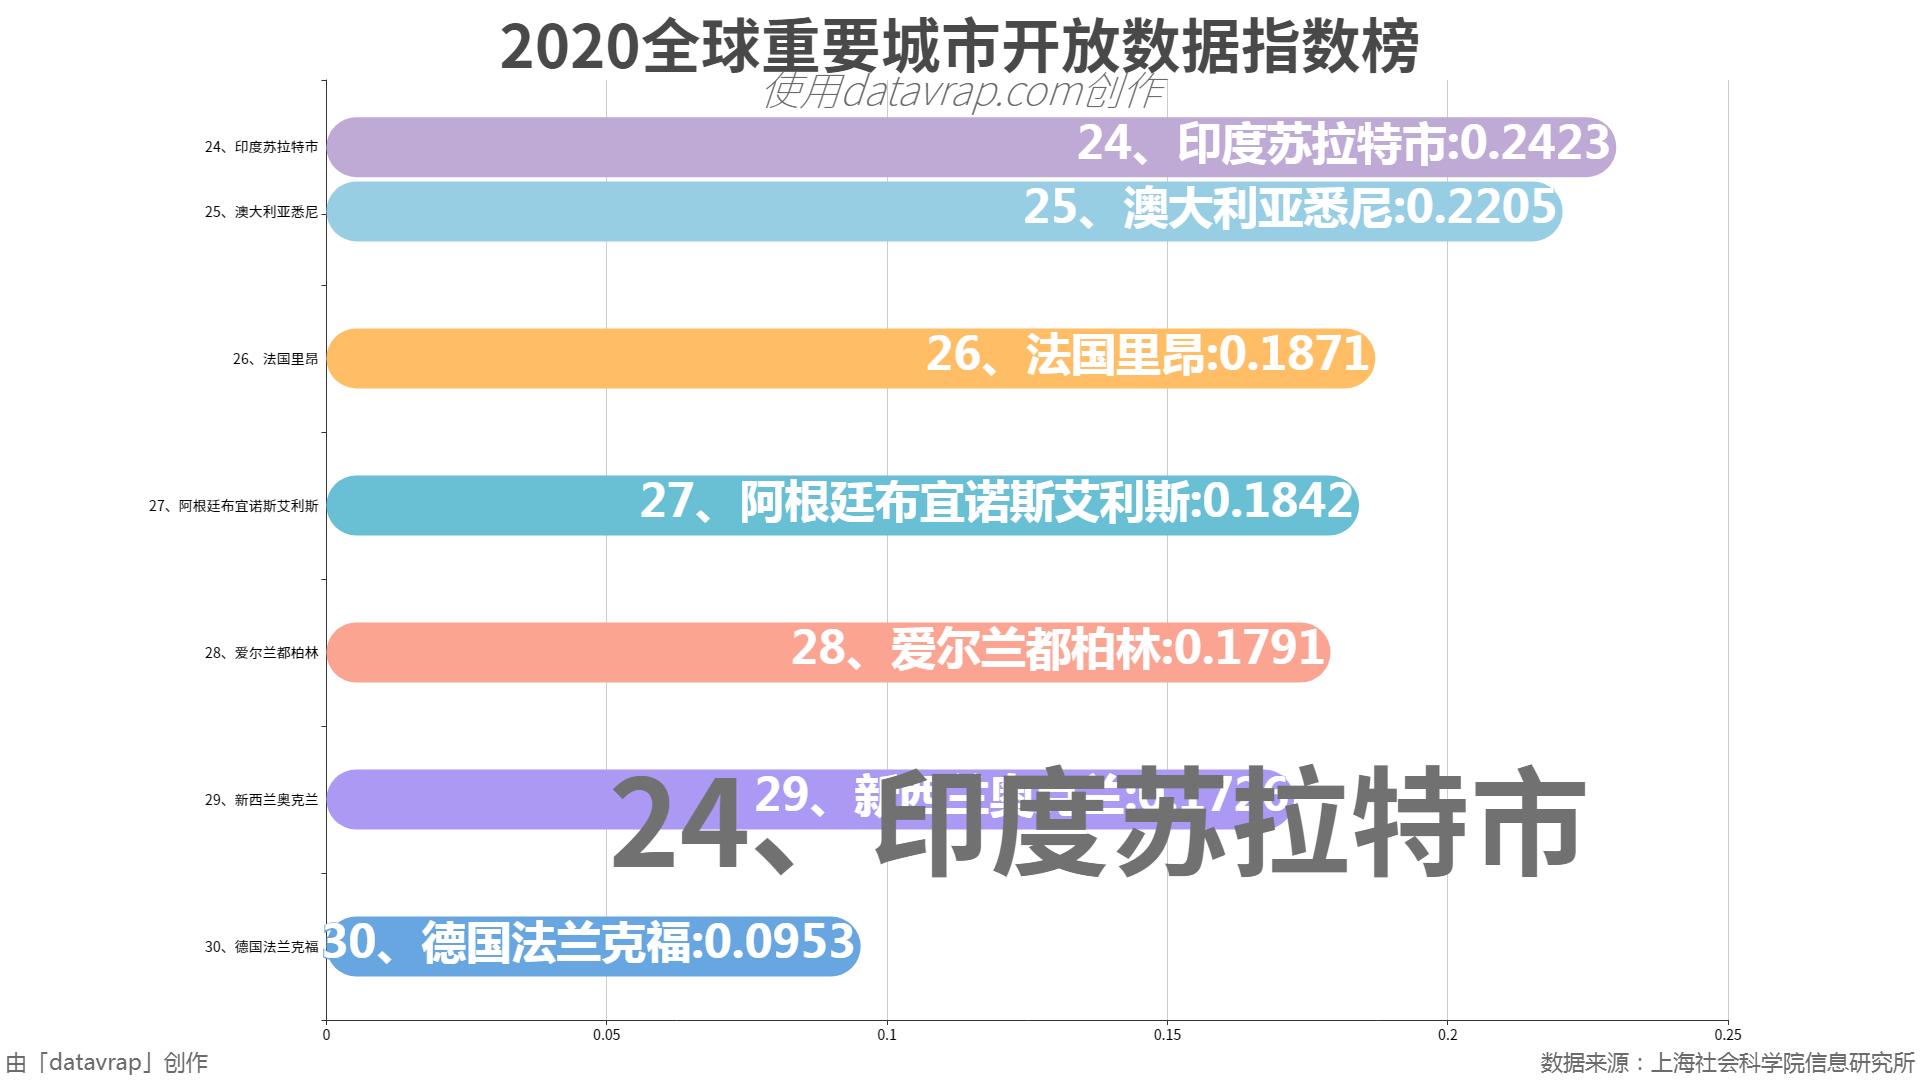 2020全球重要城市开放数据指数榜